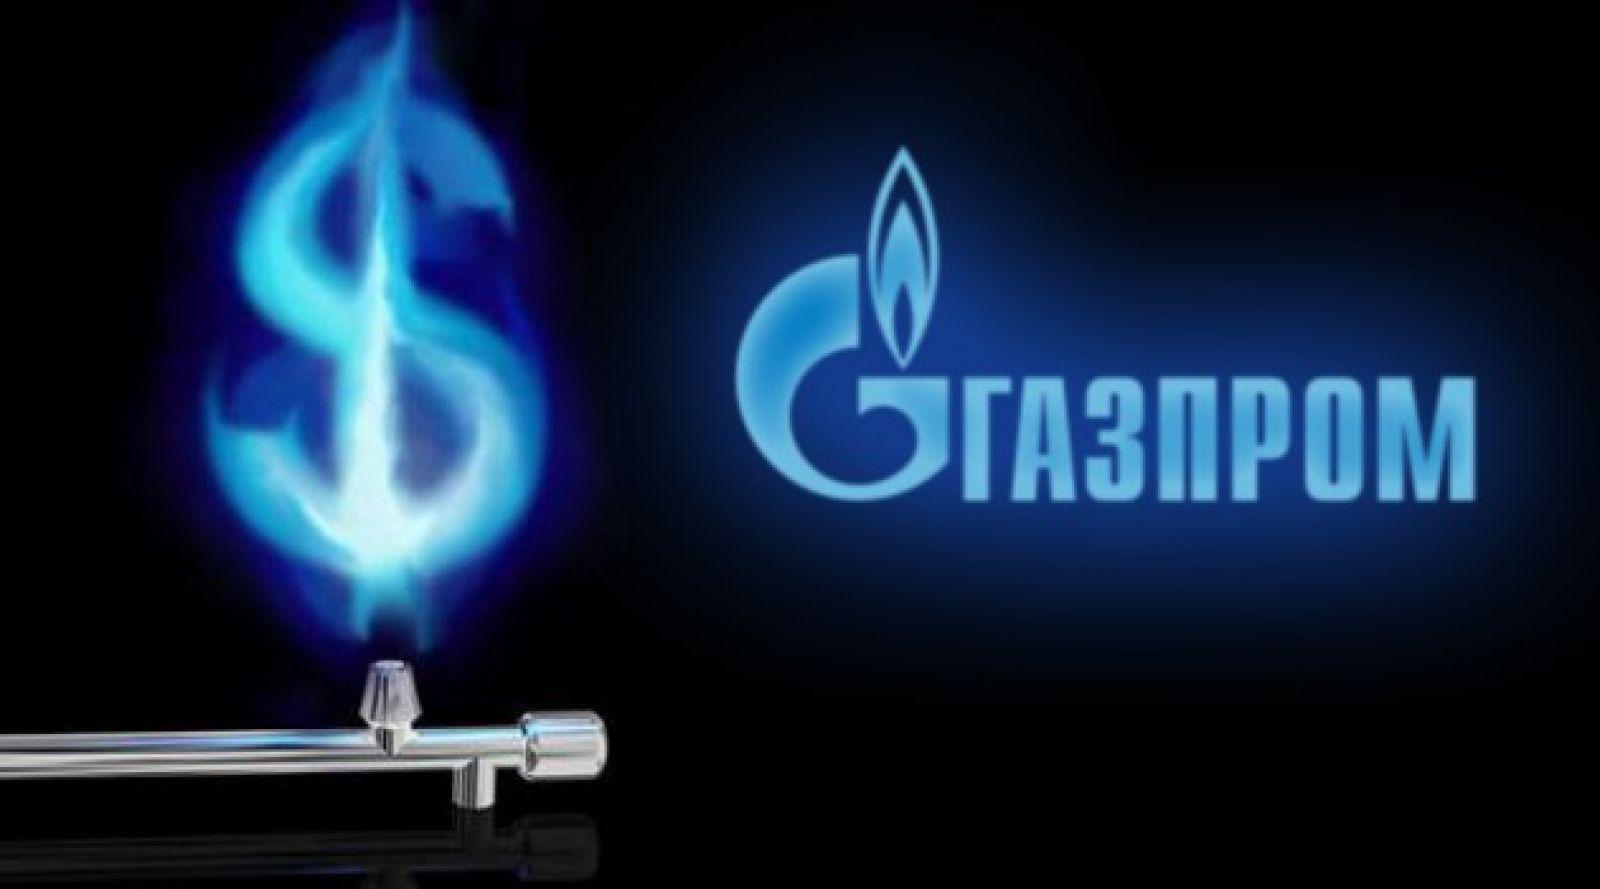 """Цены на газ в ЕС превысили $650: """"Газпром"""" продолжает газовый шантаж Европы"""